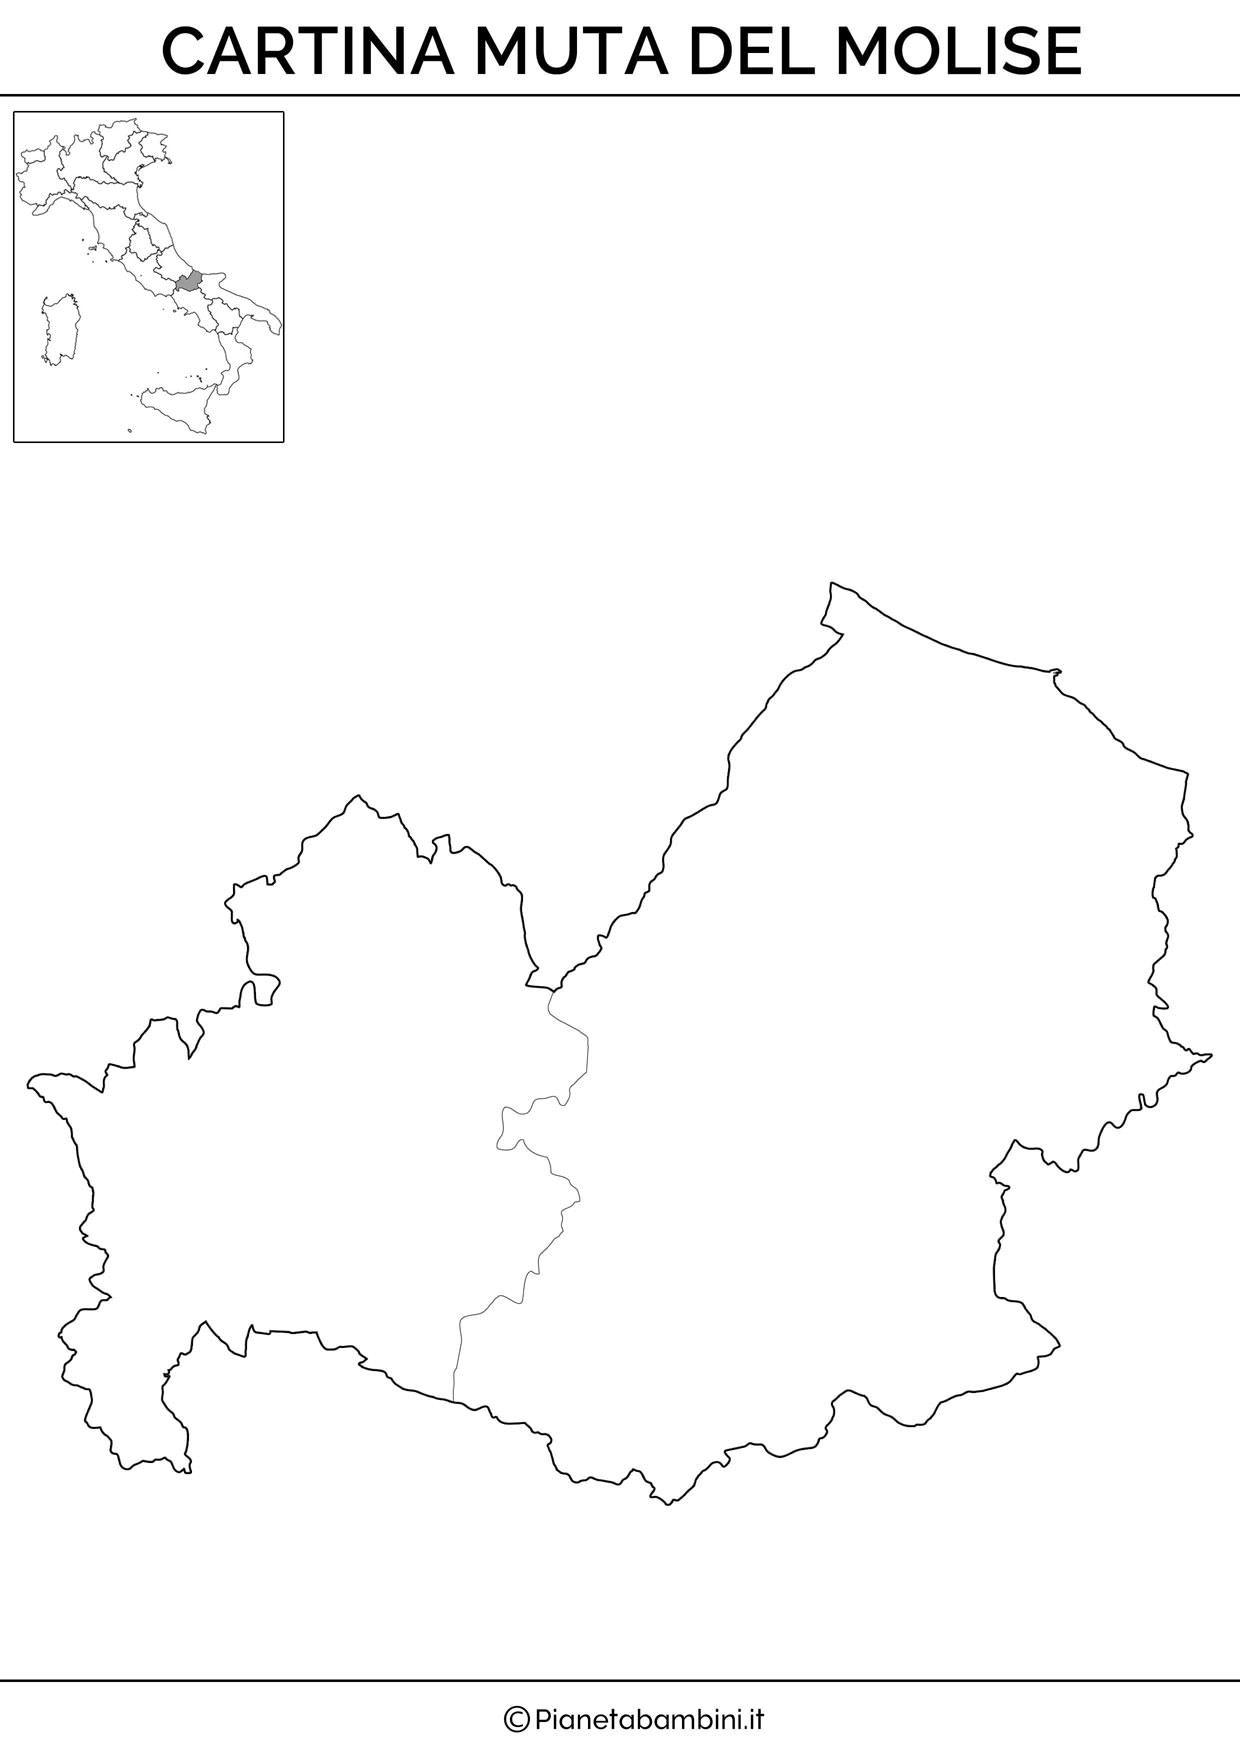 Cartina Del Molise Geografica.Cartina Muta Fisica E Politica Del Molise Da Stampare Geografia Lezioni Di Scienze Schede Di Lettura